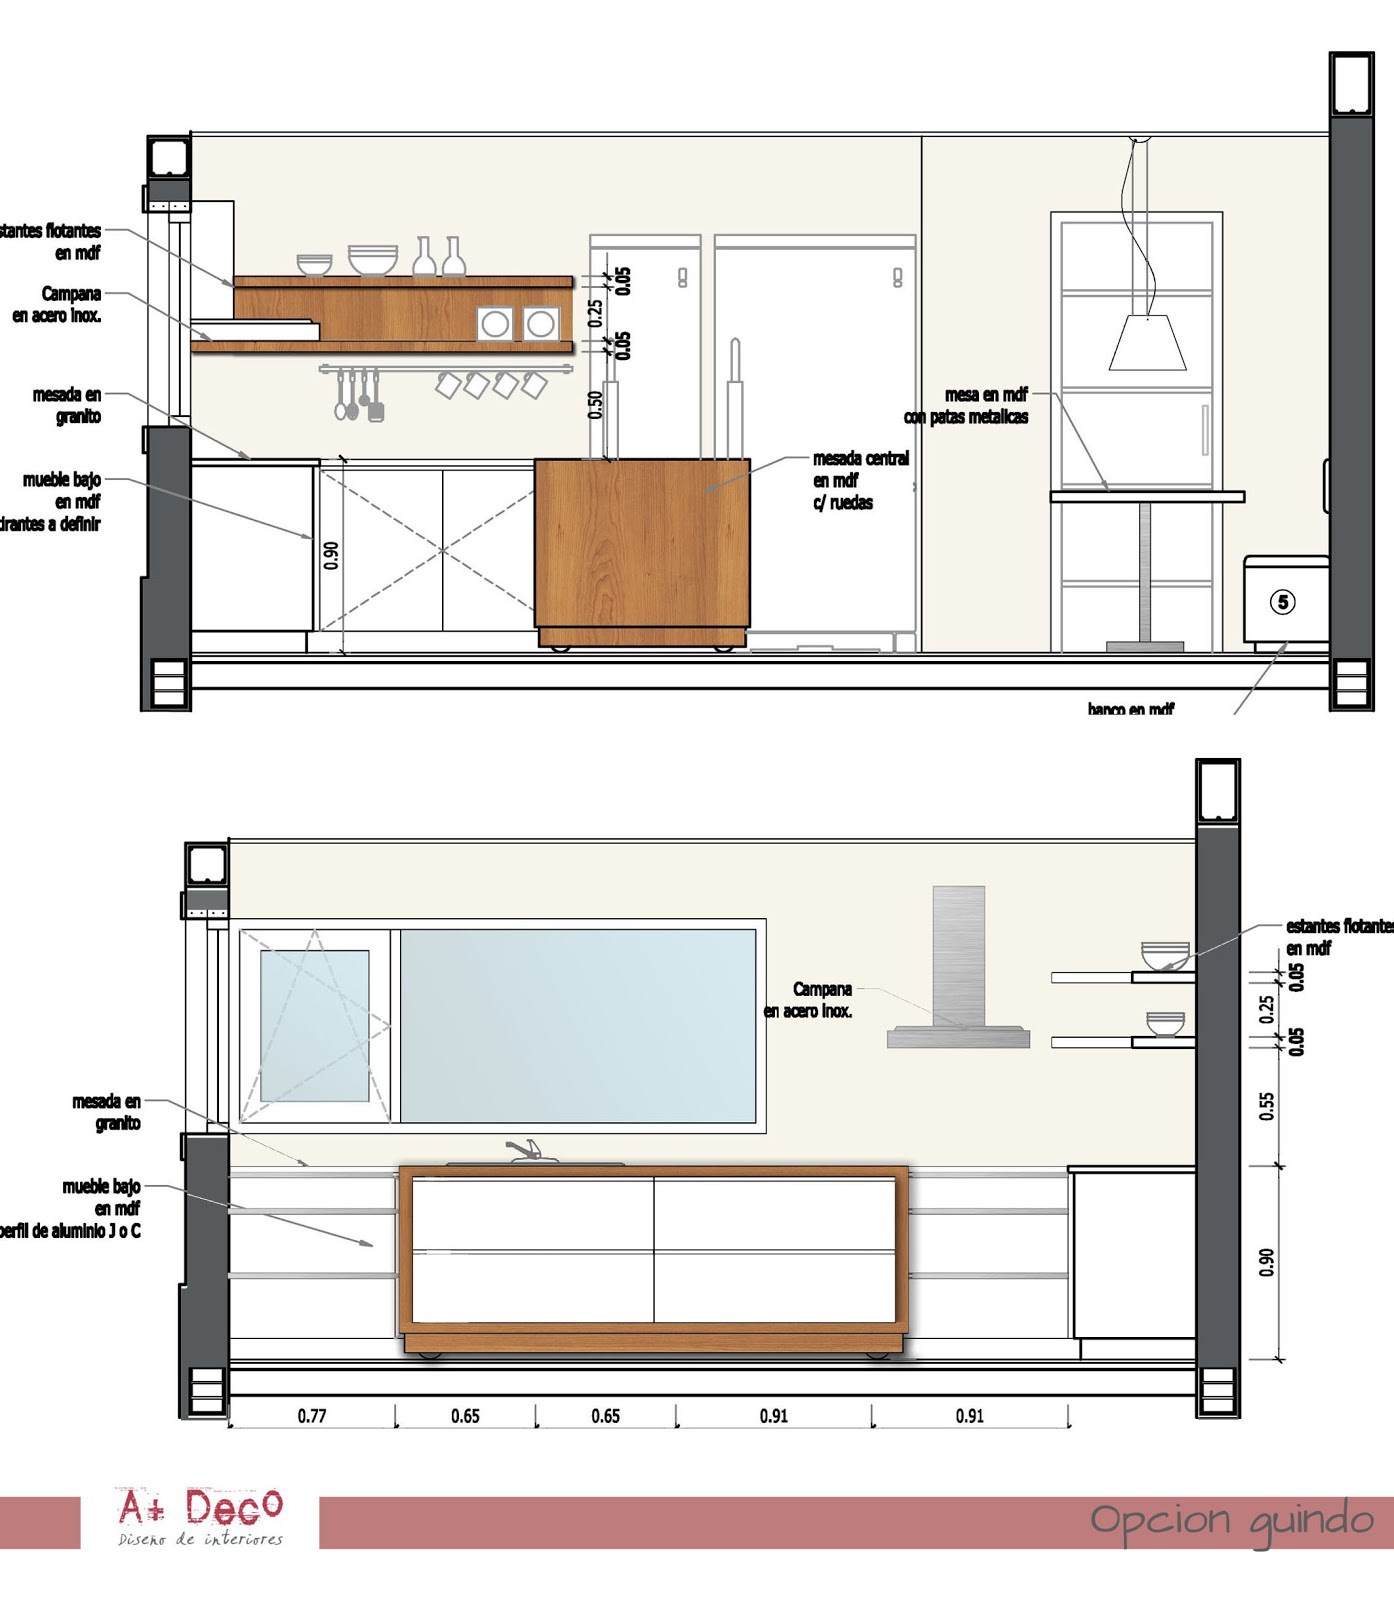 Fotos y planos de muebles de cocina ideas for Planos y diseno de muebles